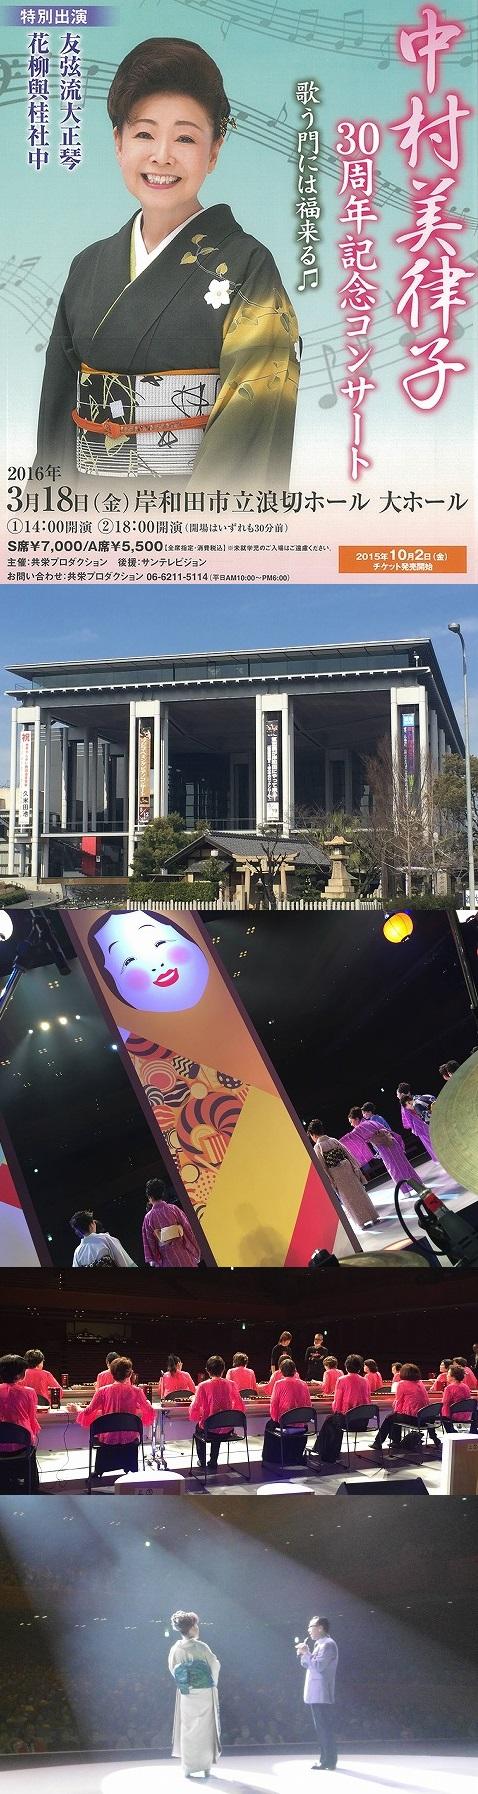 20160318波切ホール・中村美律子